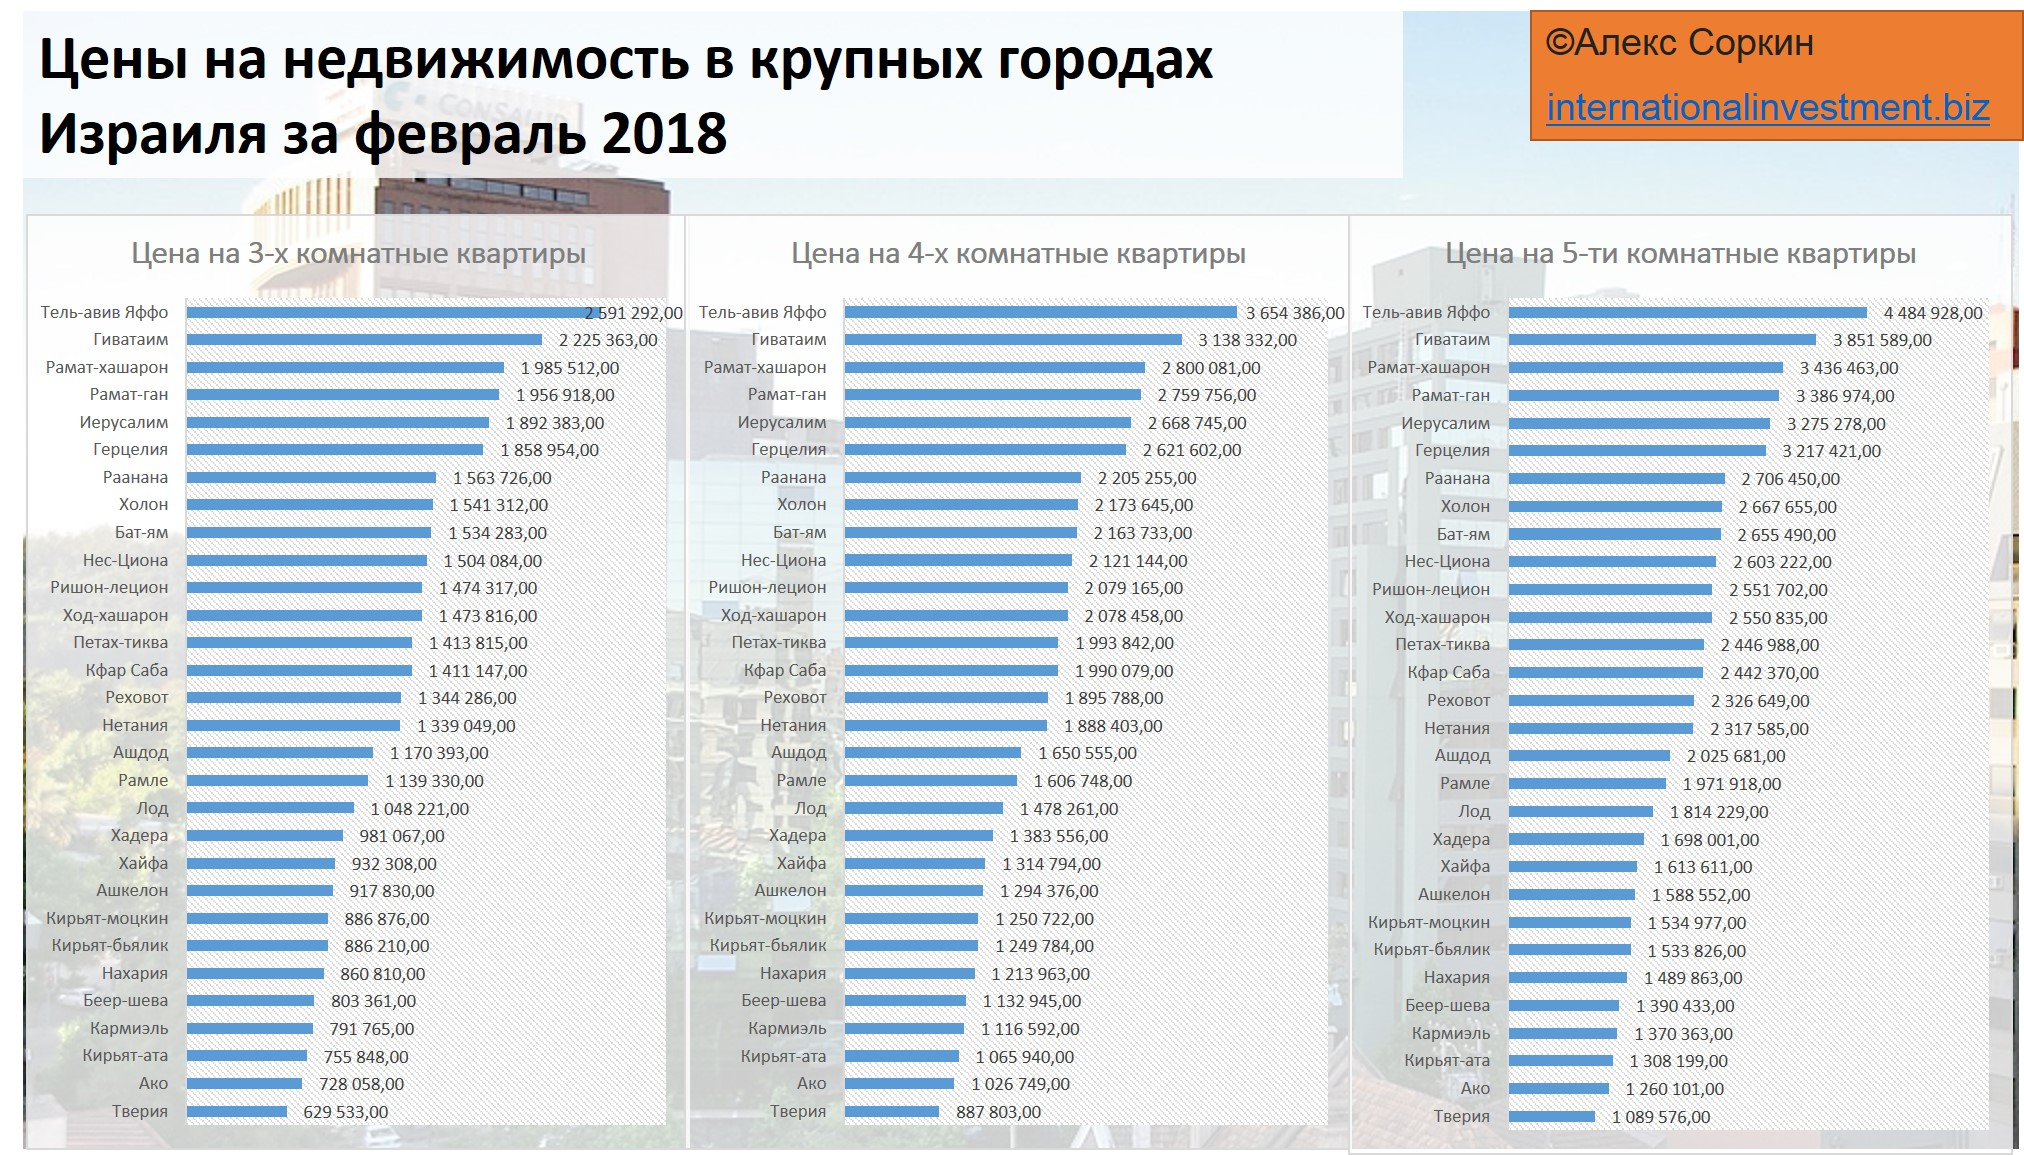 Стоимость жилья в израиле 2018 коттедж в черногории